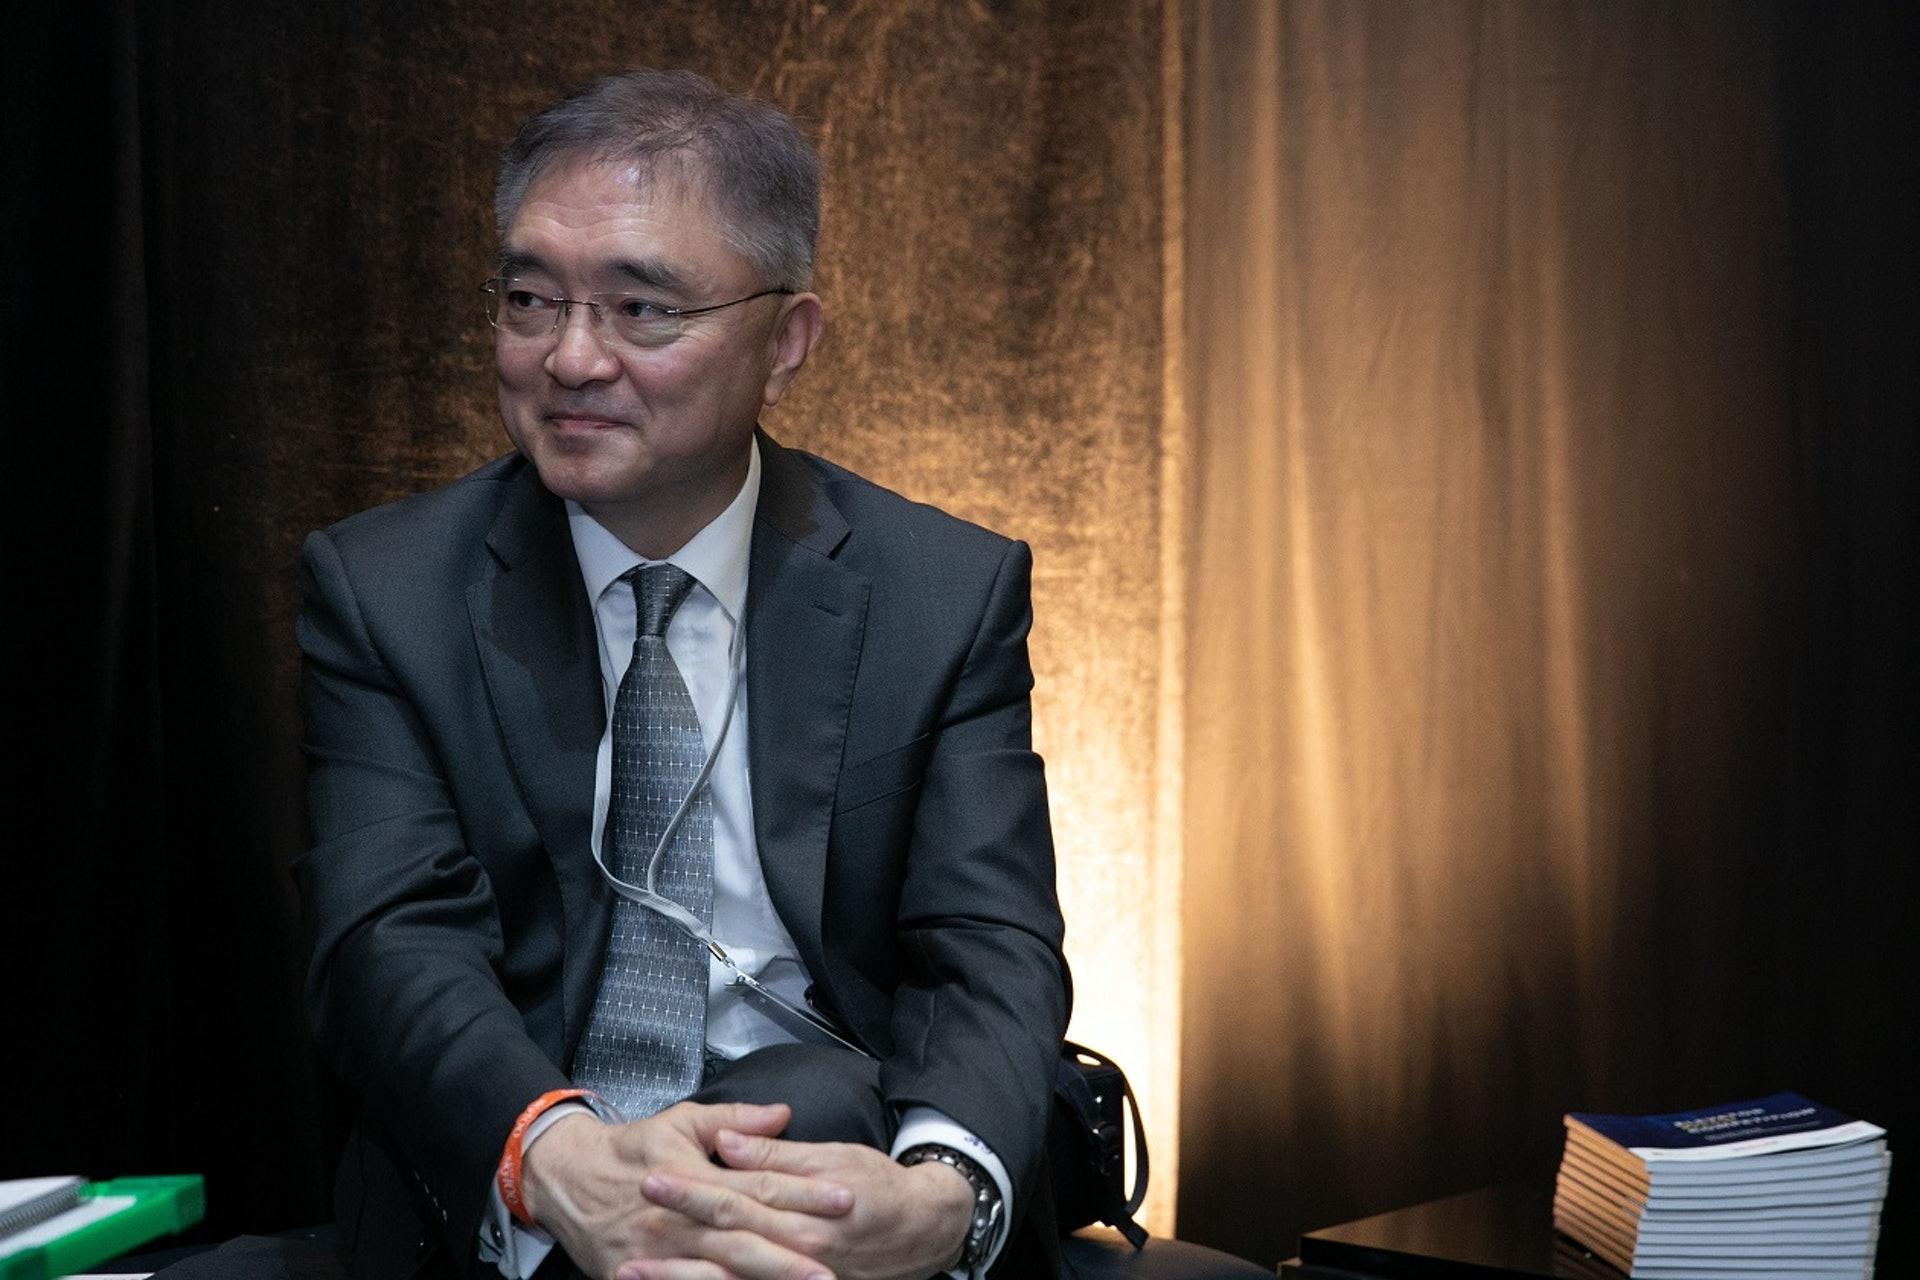 楊孟璋表示,EPiC好,真正的創業環境也好,創業者要學懂如何在有限資源集中做適合的事,這才能引來投資者的注目及支持。